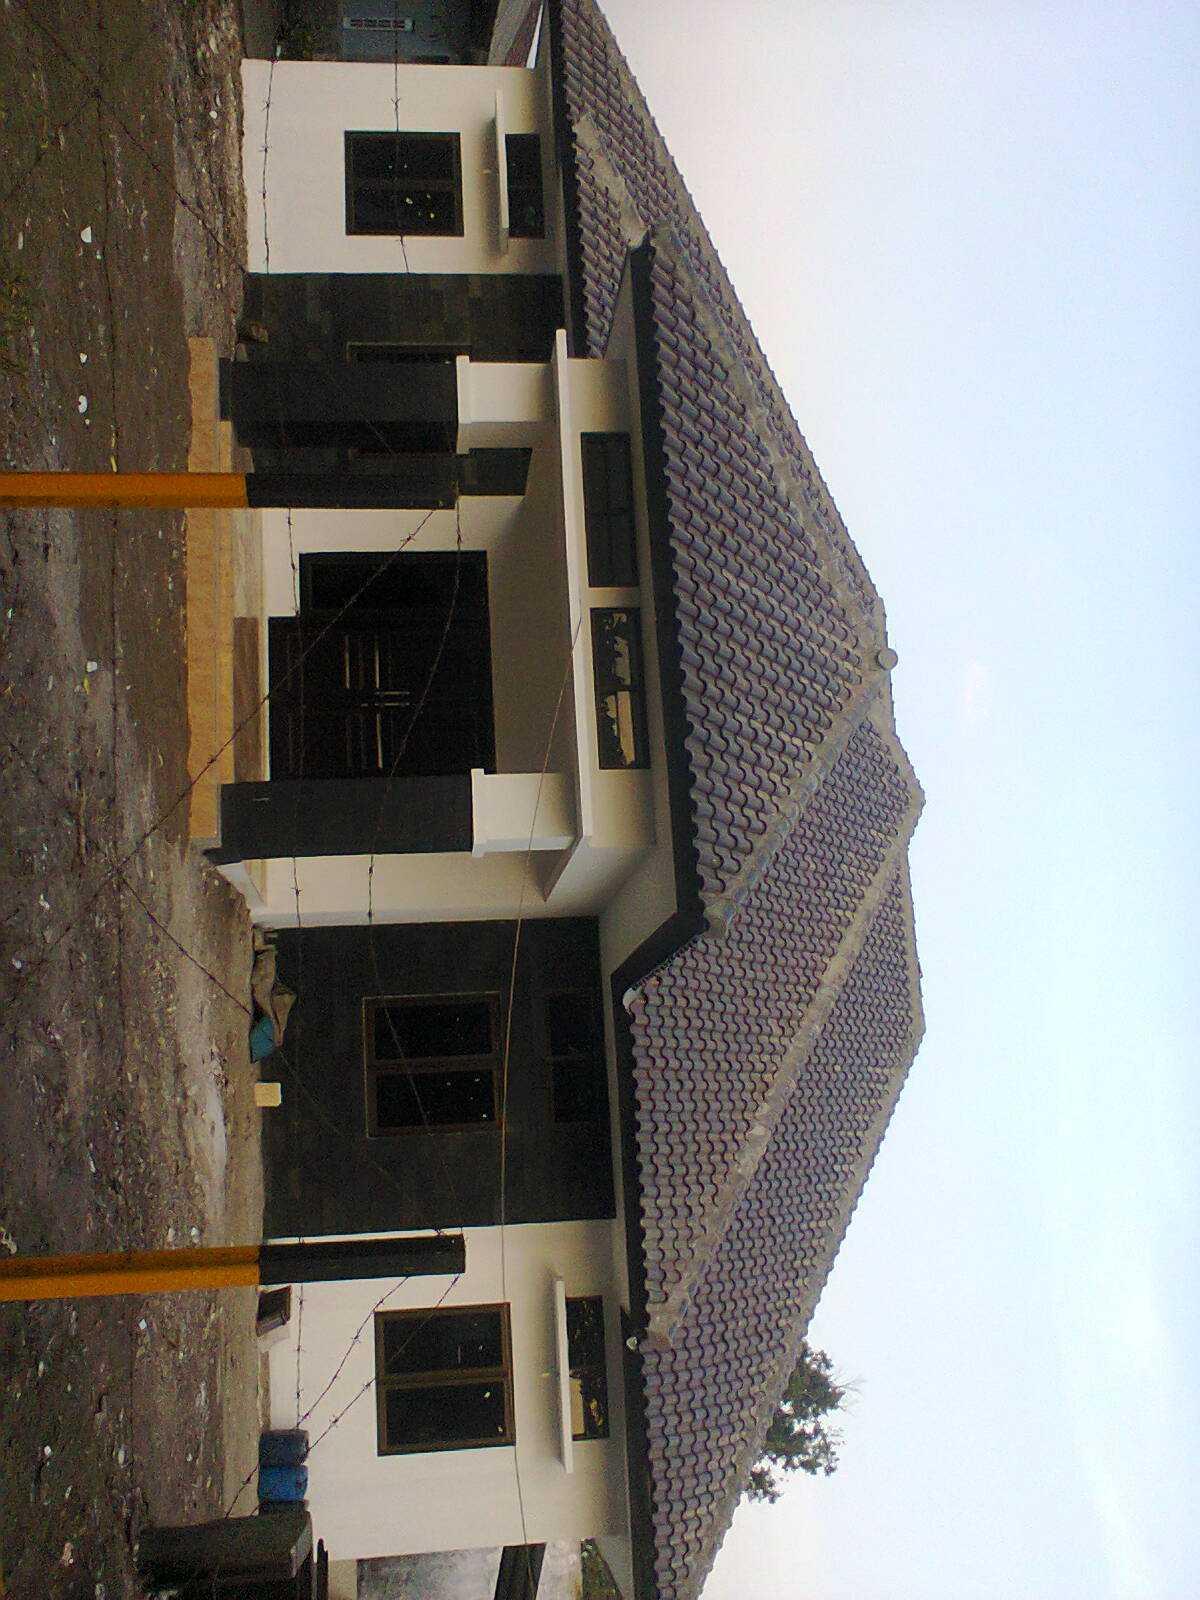 Jasa Design and Build PT. Nusaref Karya Gemilang di Malang